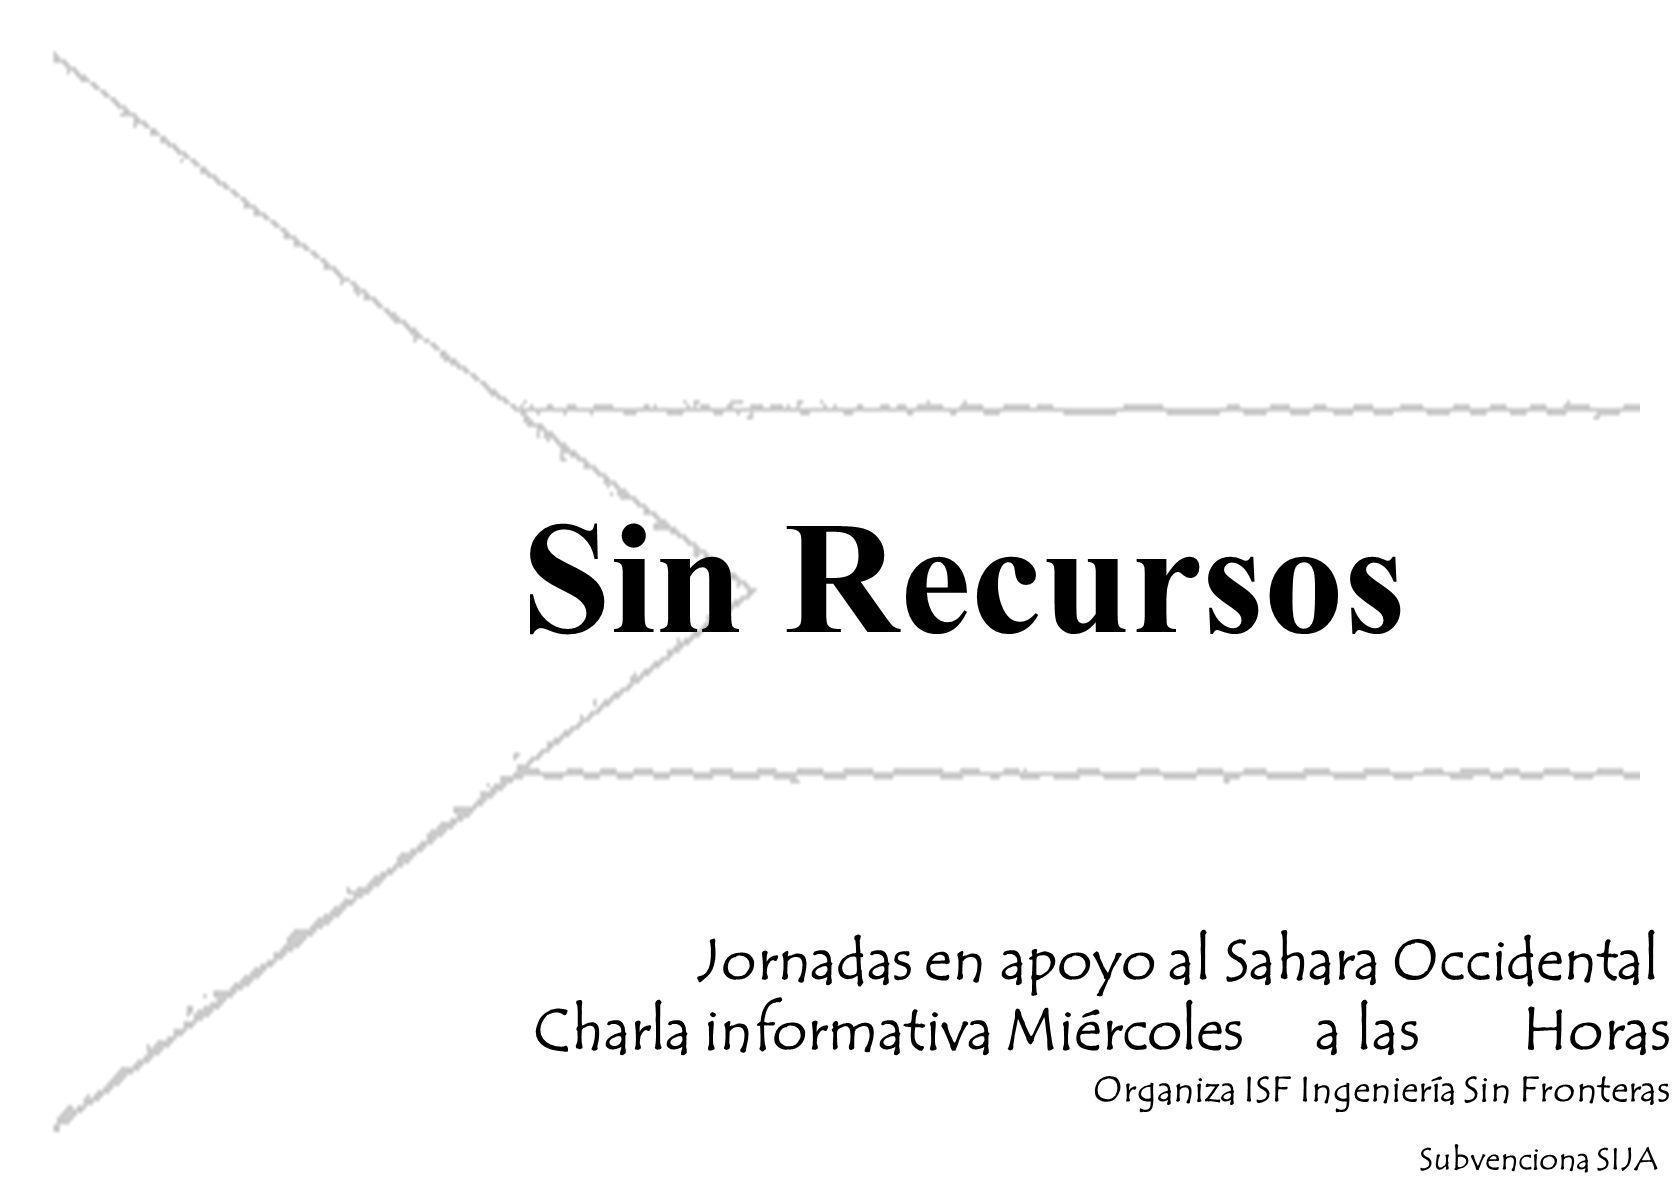 Sin Recursos Jornadas en apoyo al Sahara Occidental Charla informativa Miércoles a las Horas Organiza ISF Ingeniería Sin Fronteras Subvenciona SIJA